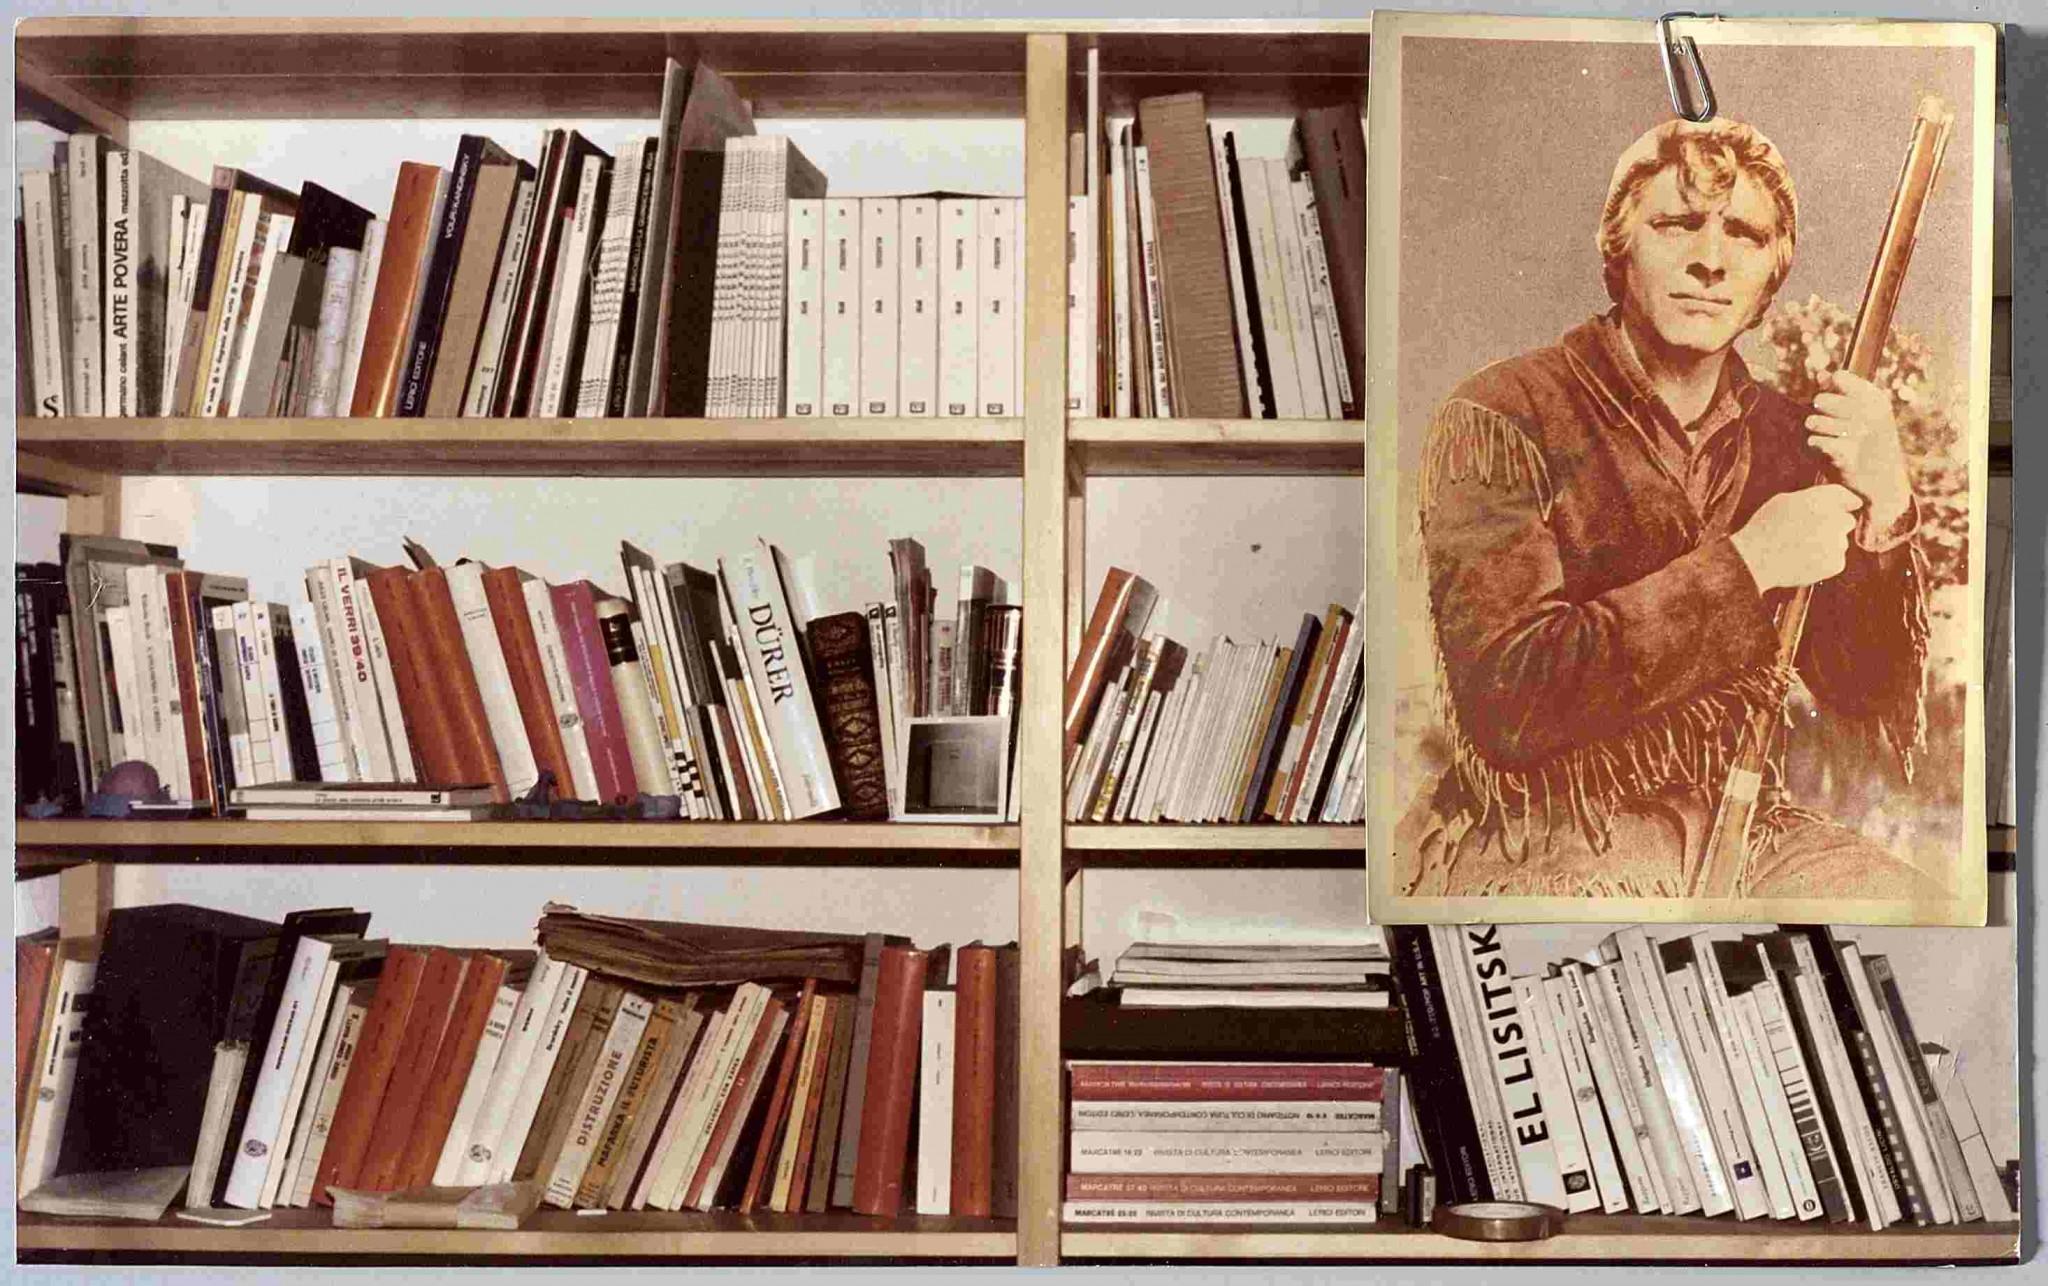 F. Guerzoni, Avventura a guardia della libreria, 1978, cartolina e foto originale cm 23x37, collaborazione fotografica con Luigi Ghirri